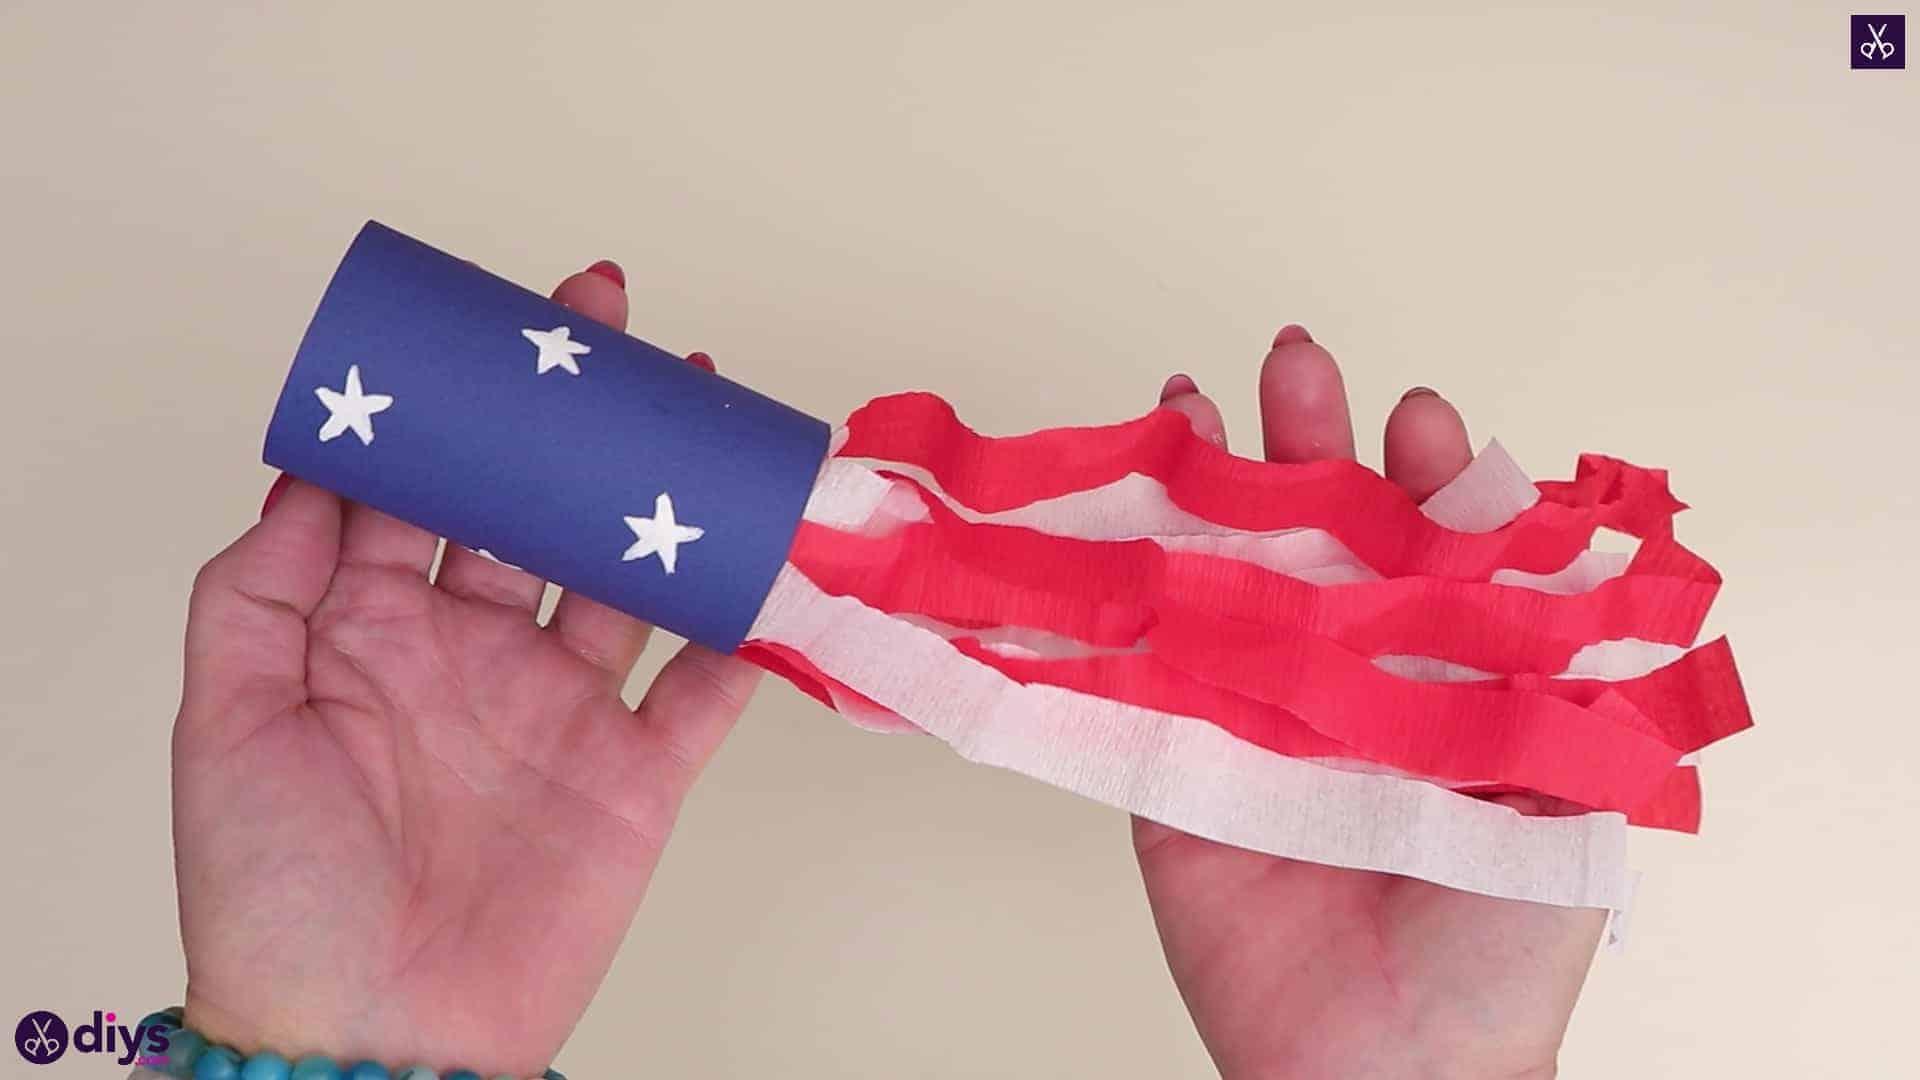 Rouleau de papier toilette souffleur patriotique